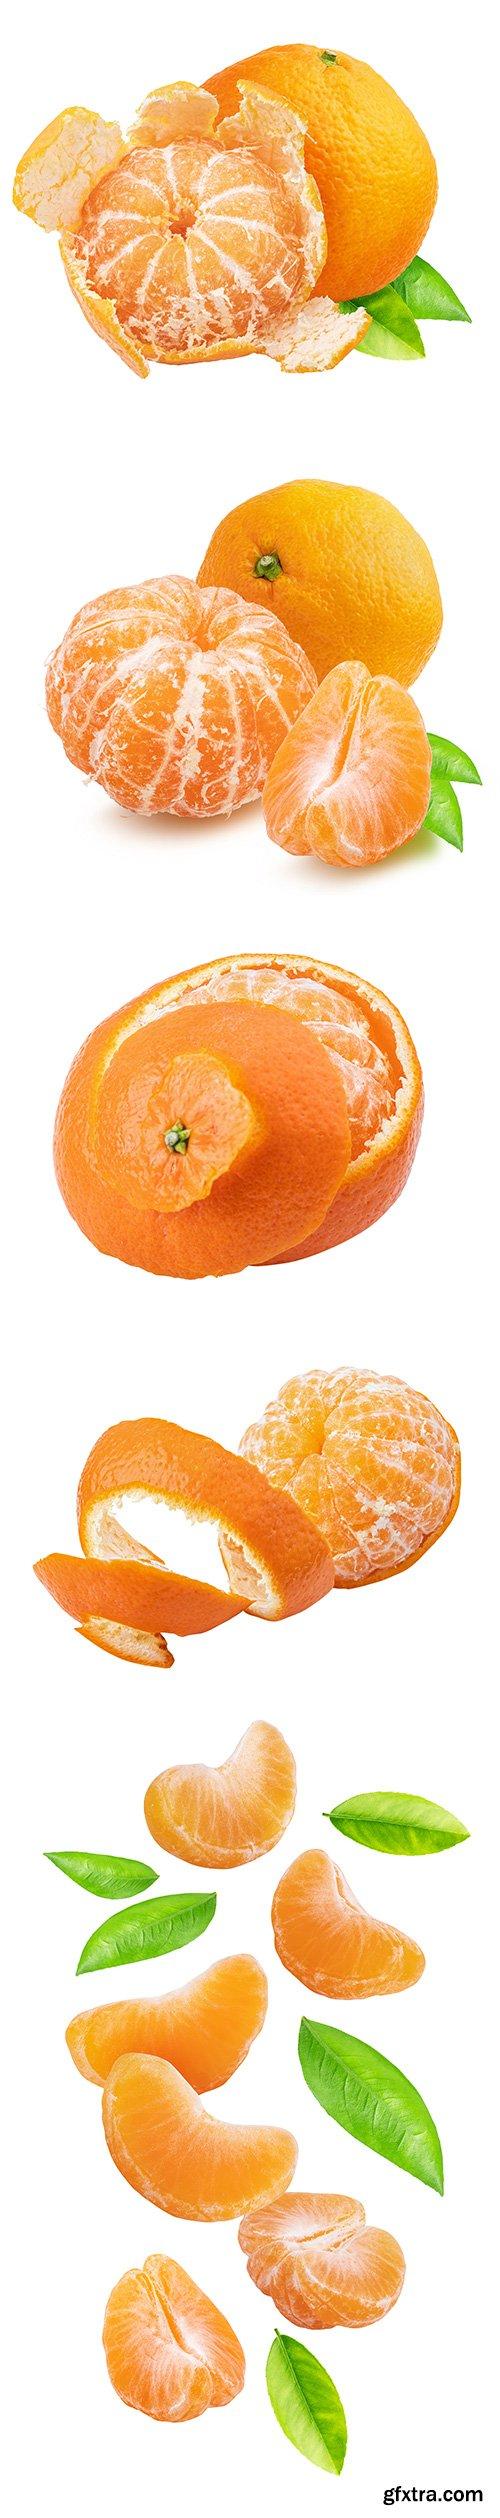 Mandarin Isolated - 12xJPGs